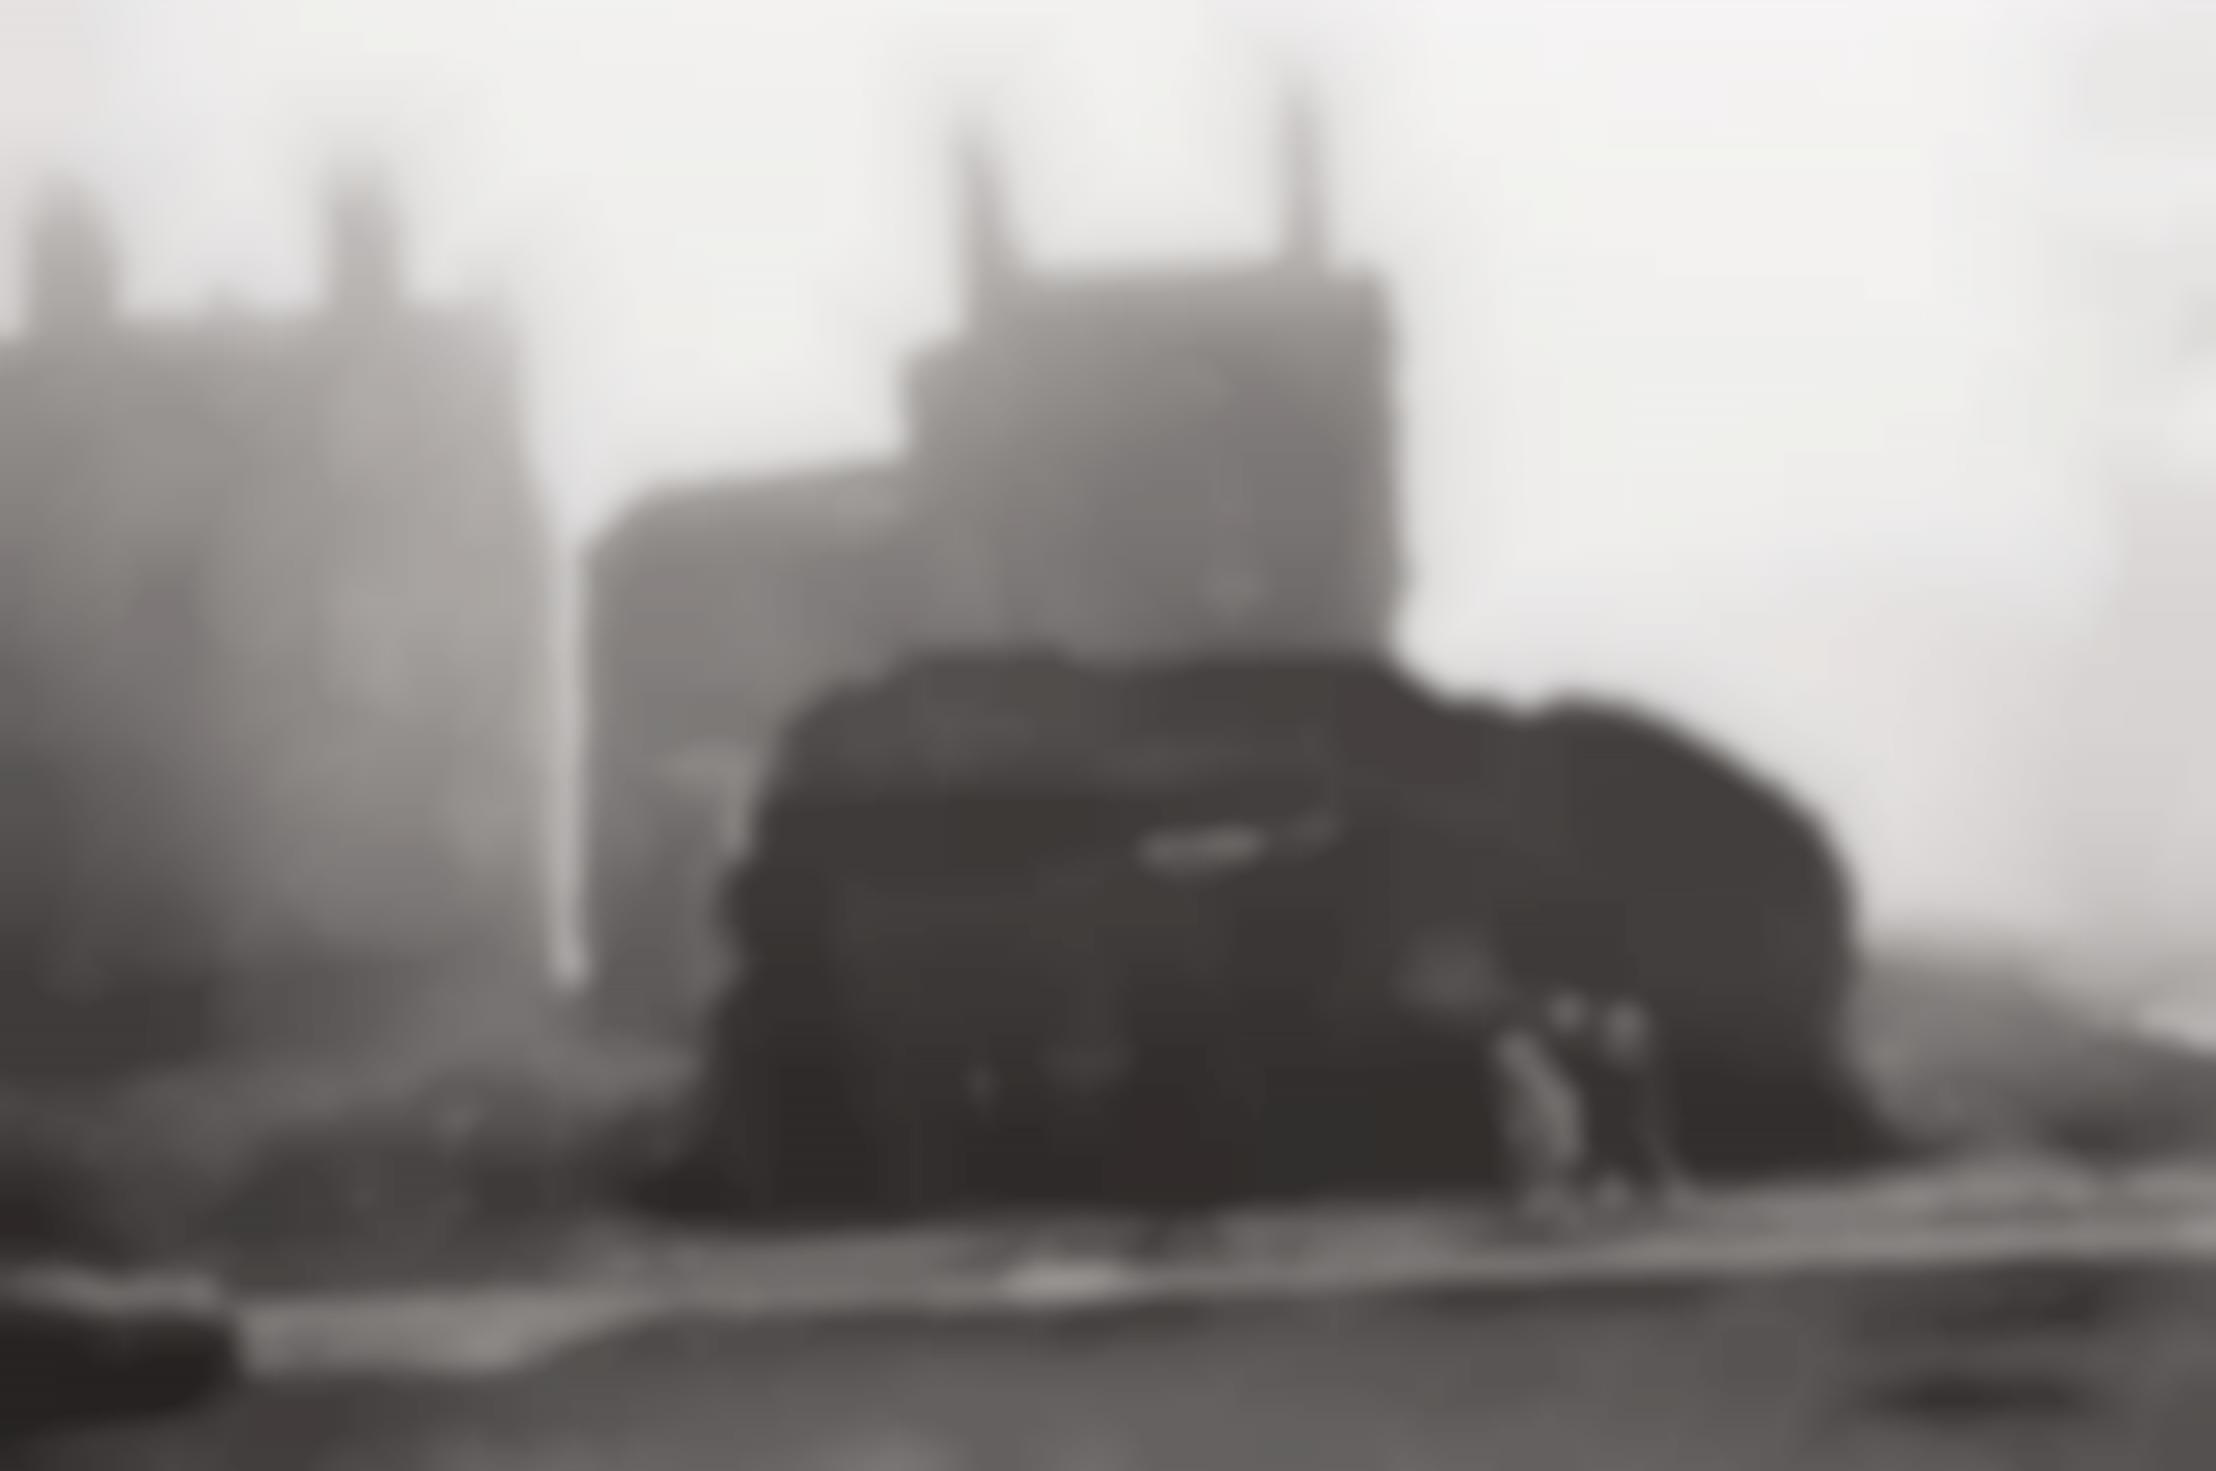 Henri Cartier-Bresson-Liverpool, England-1962